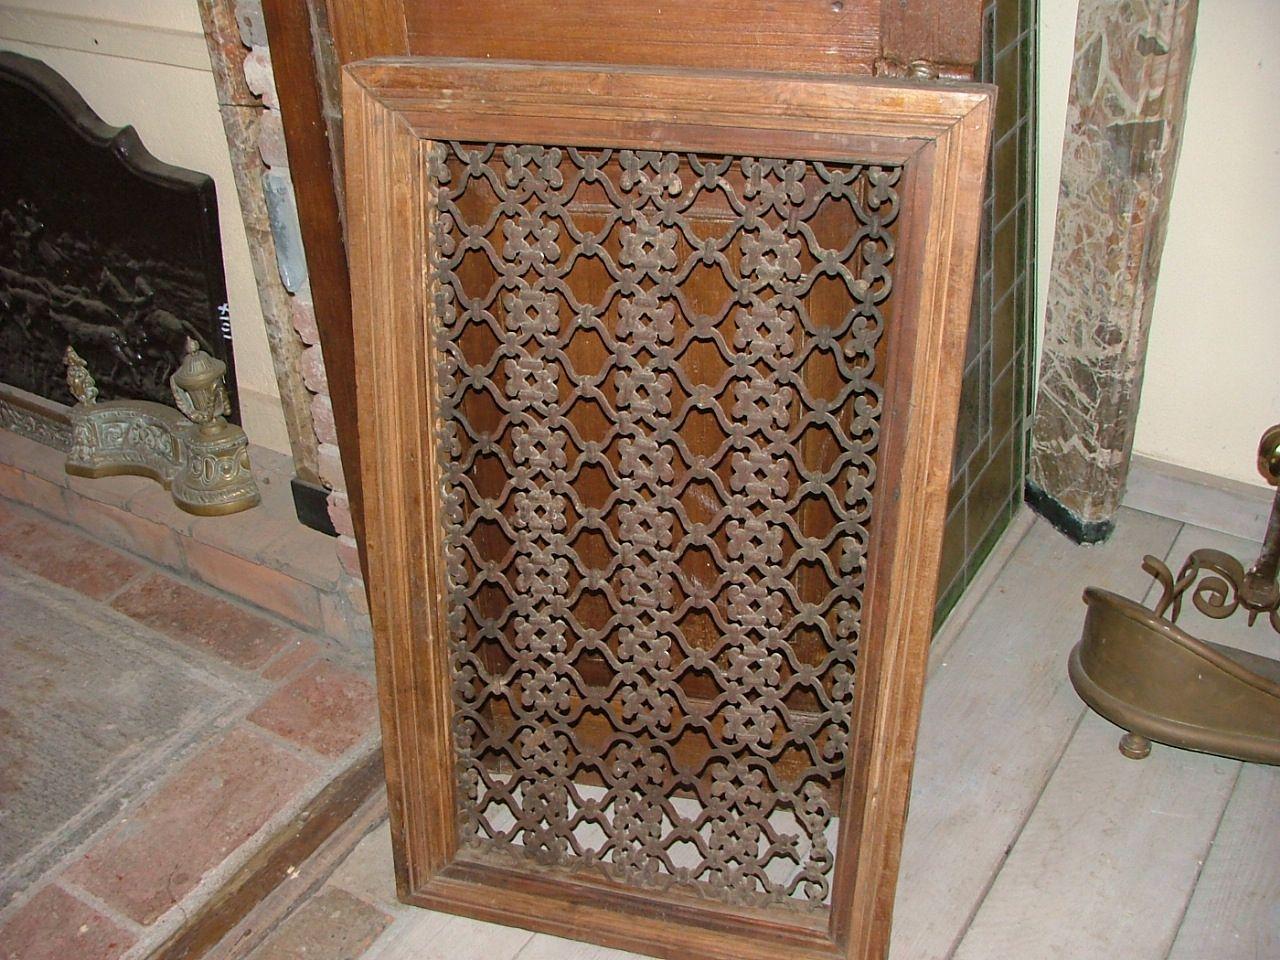 Grate in ferro e legno antiche antiquariato su anticoantico - Finestre stile inglese in legno ...